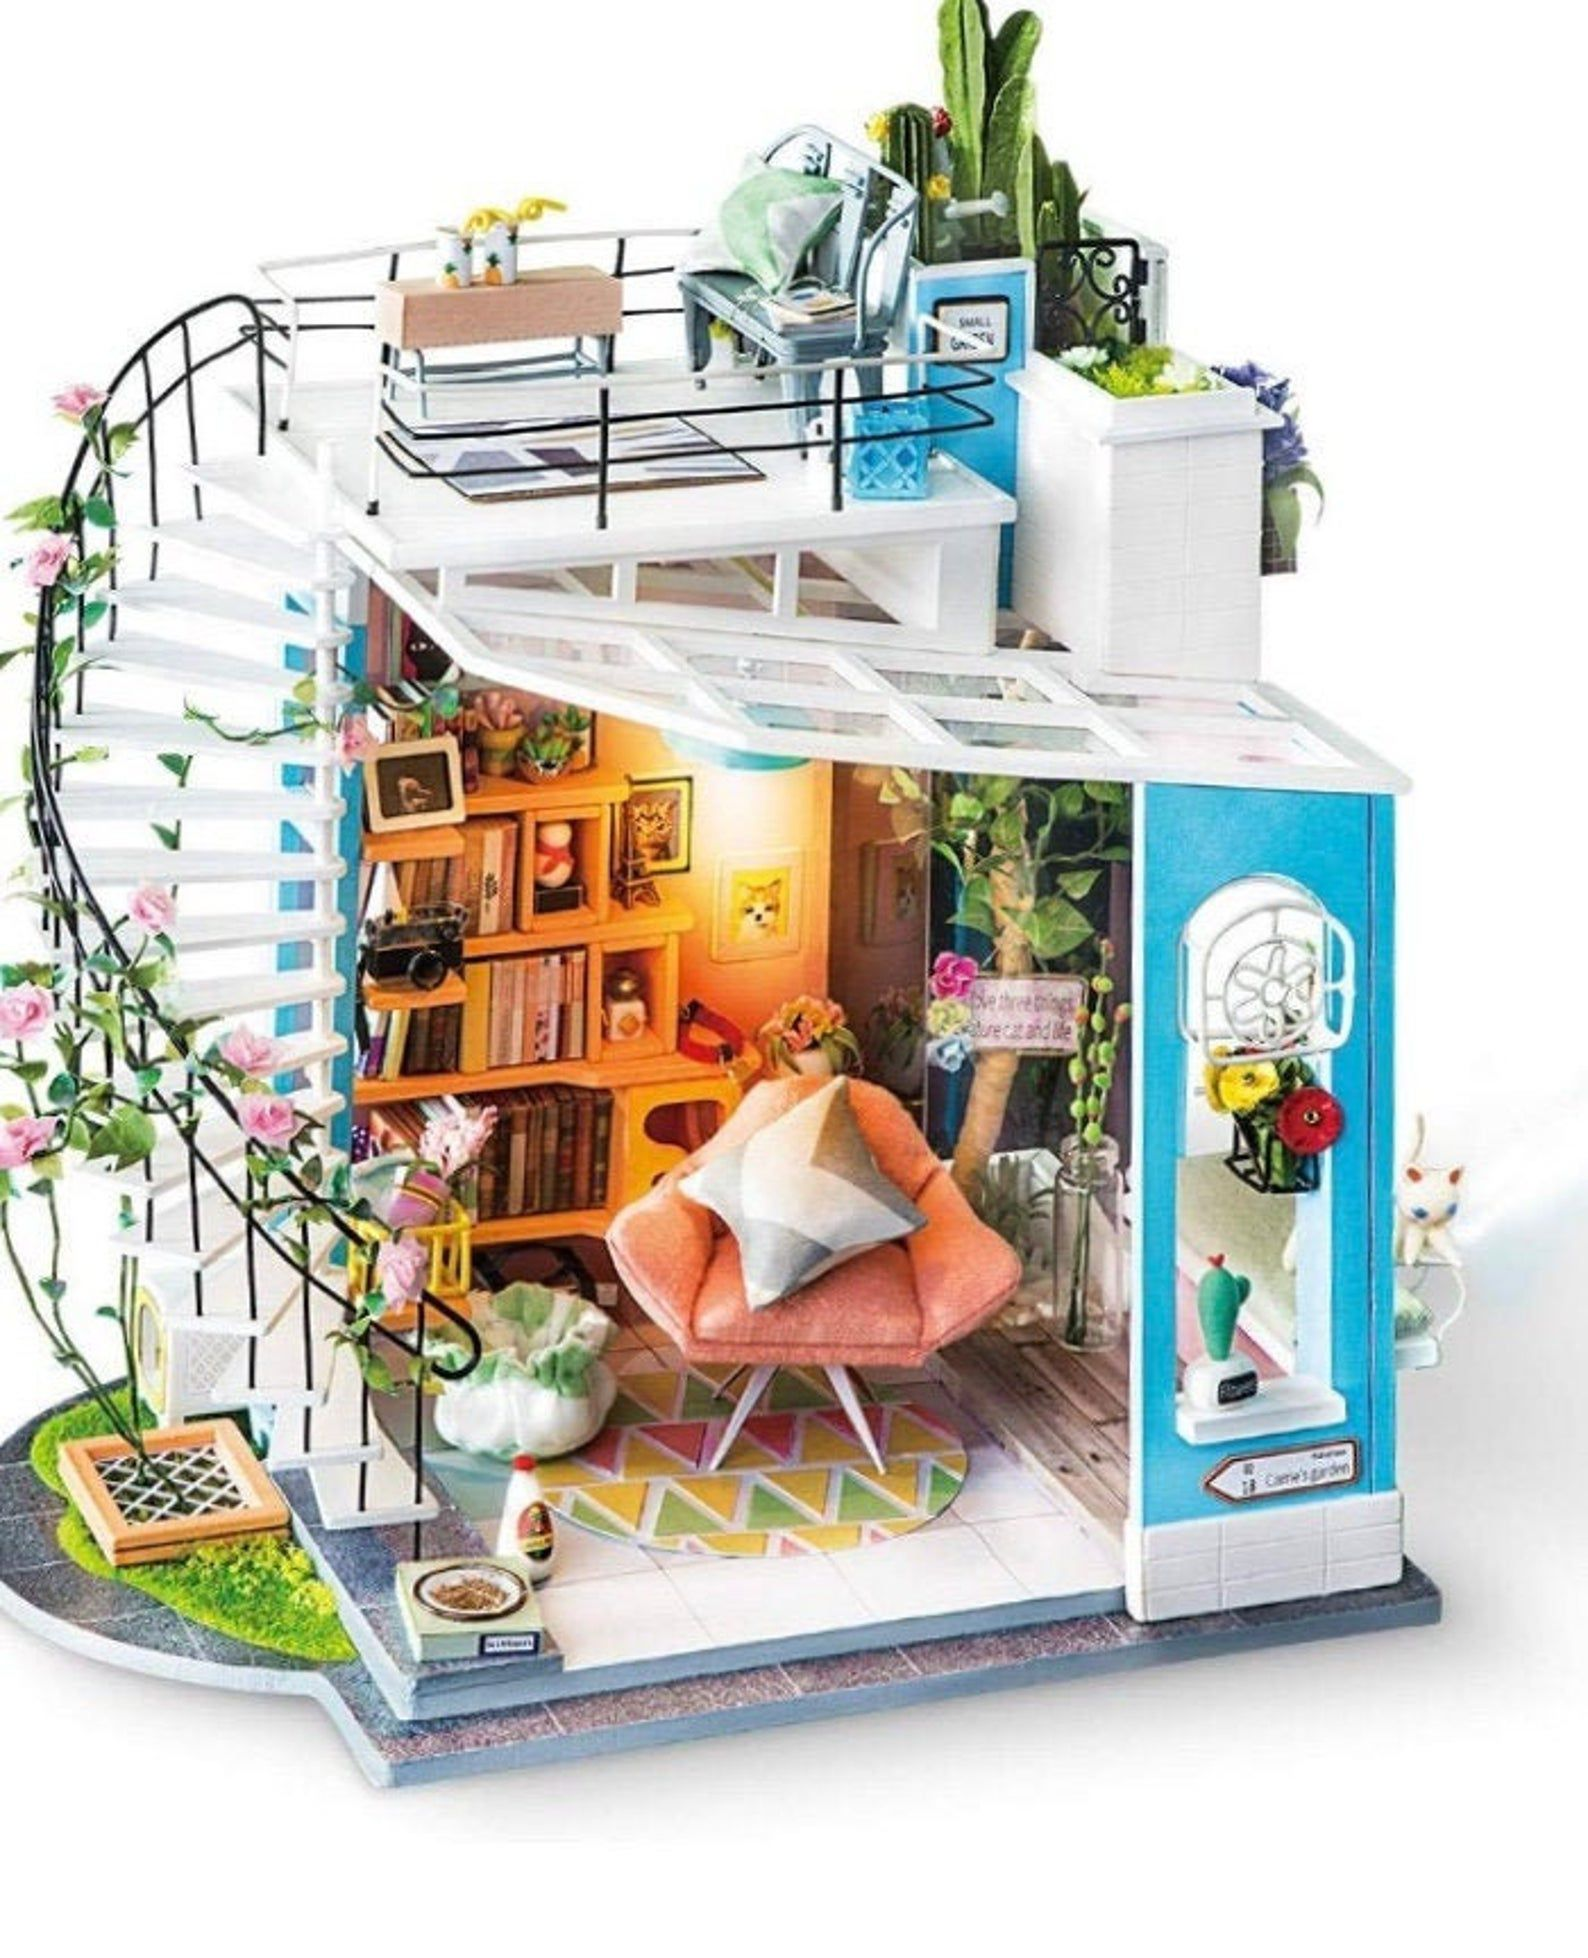 Dollhouse living room with bookshelves